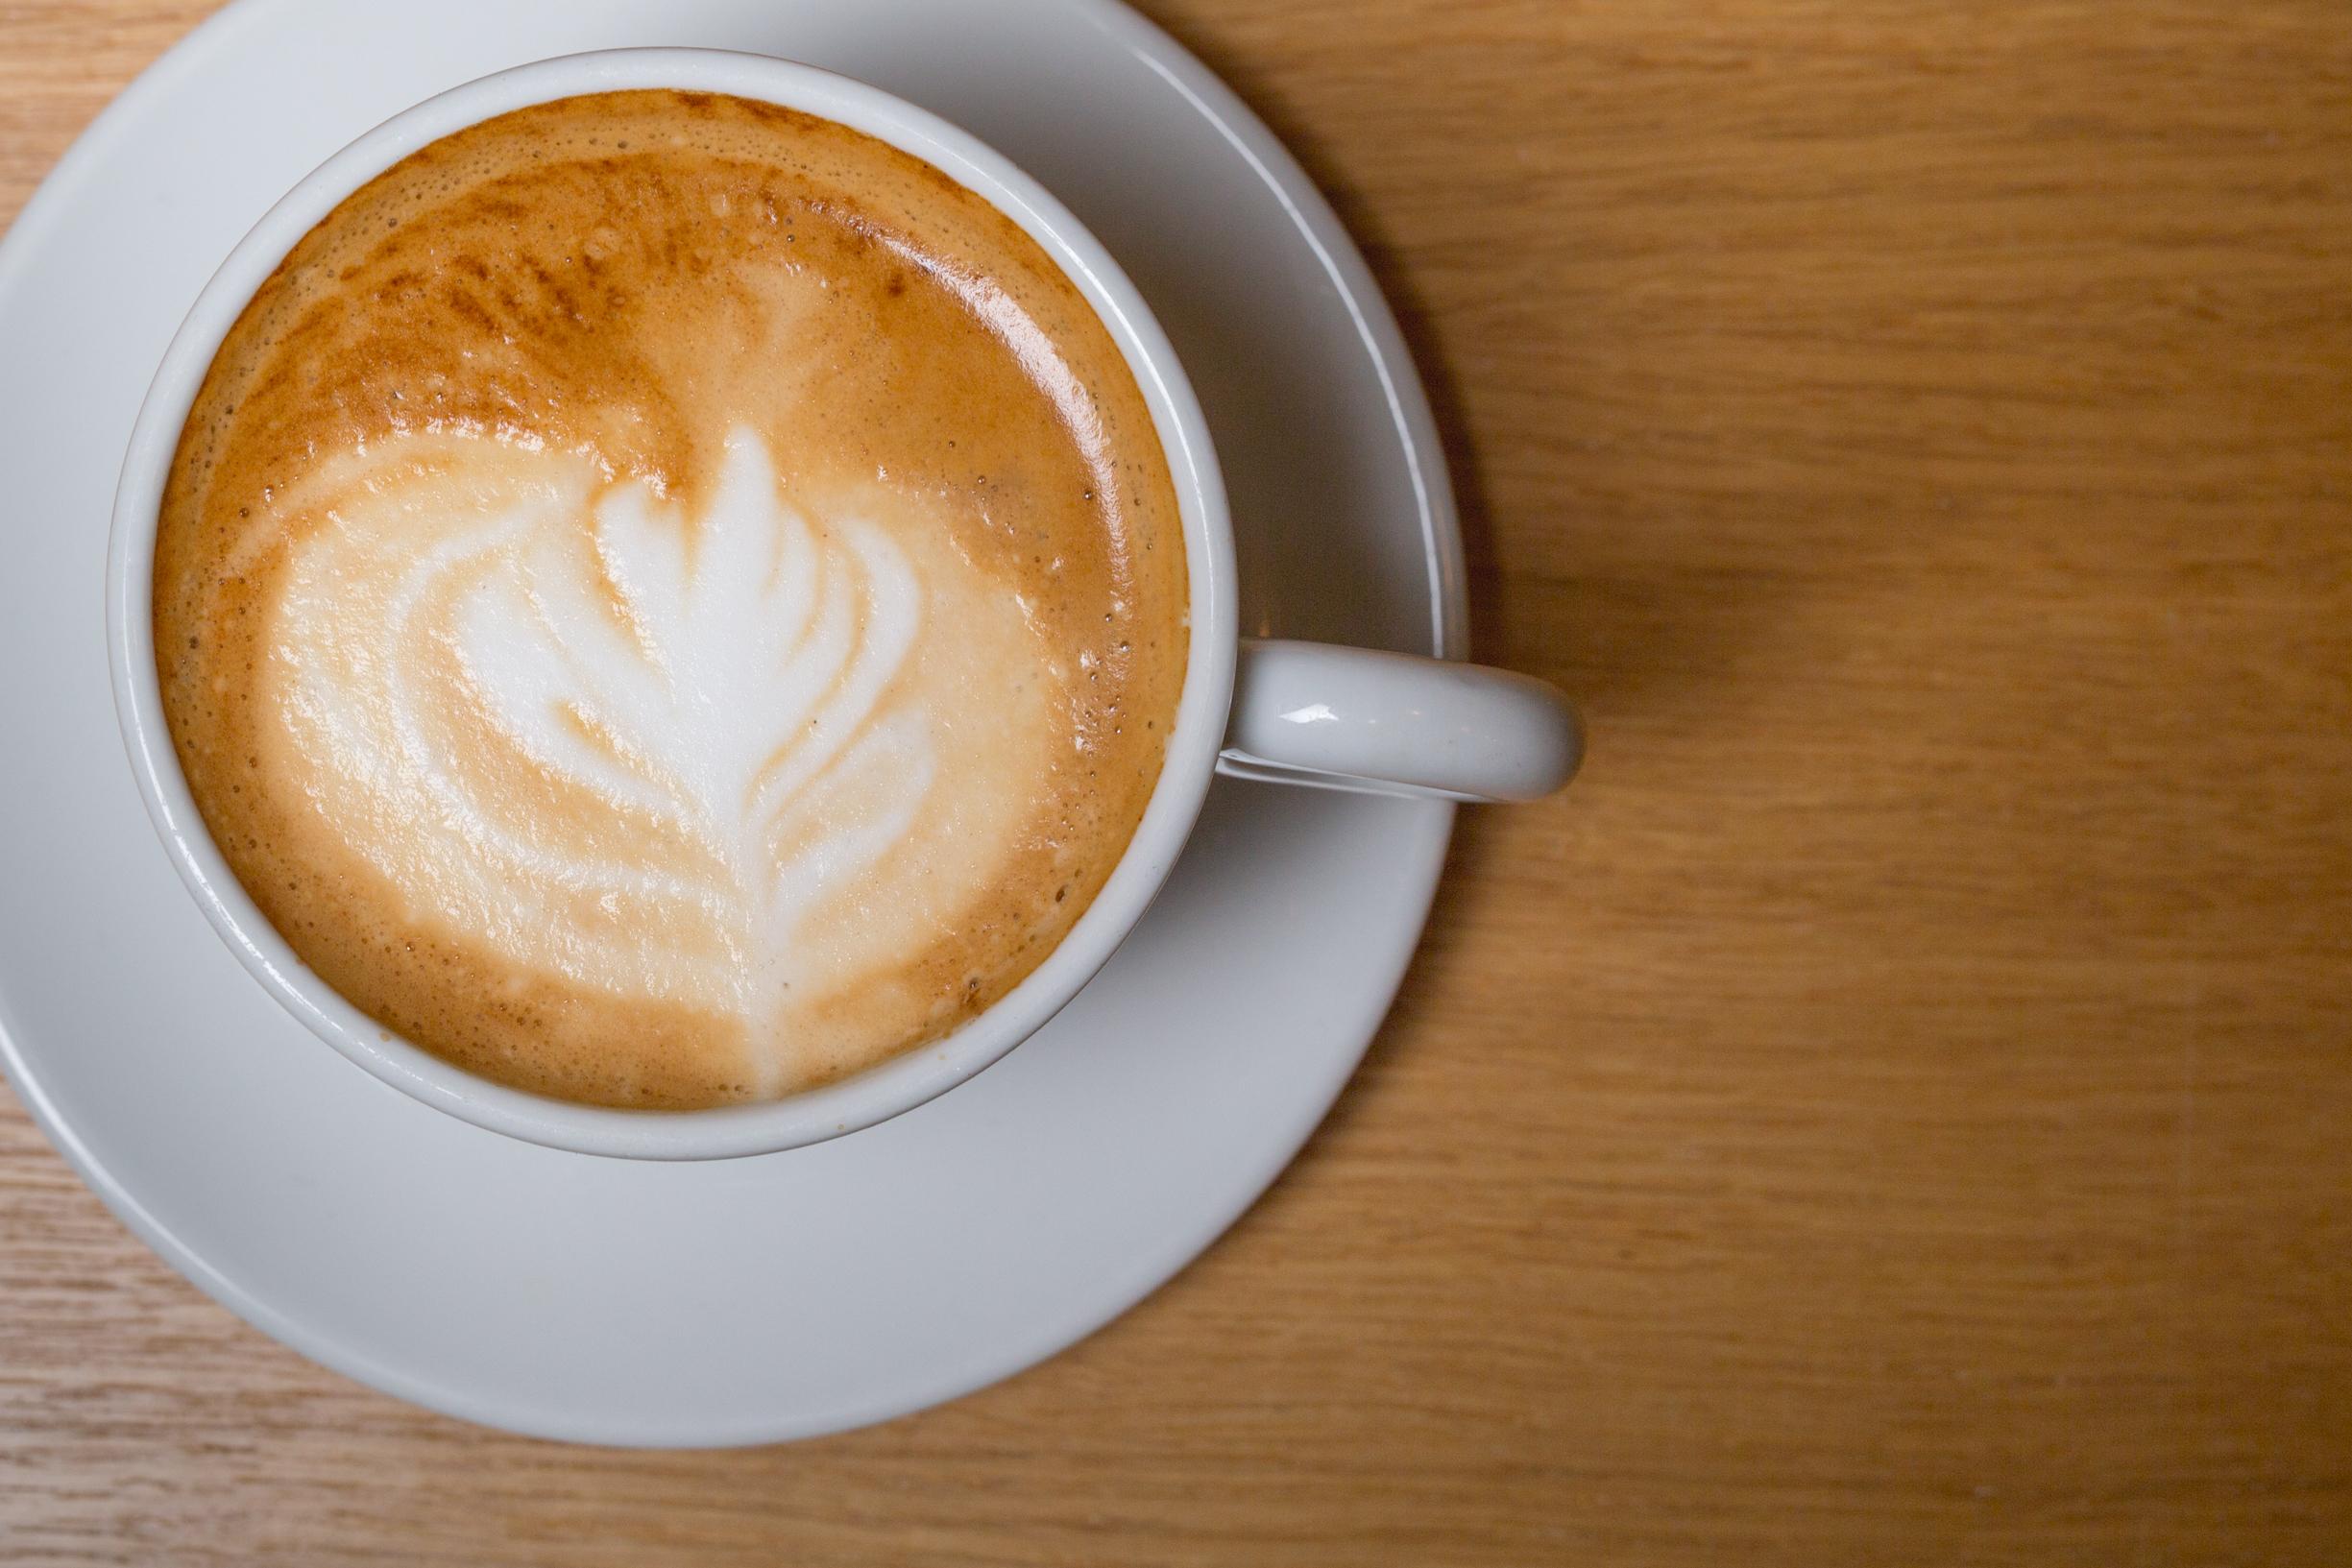 Ce café montréalais offre ses cafés à rabais durant tout le mois de mars